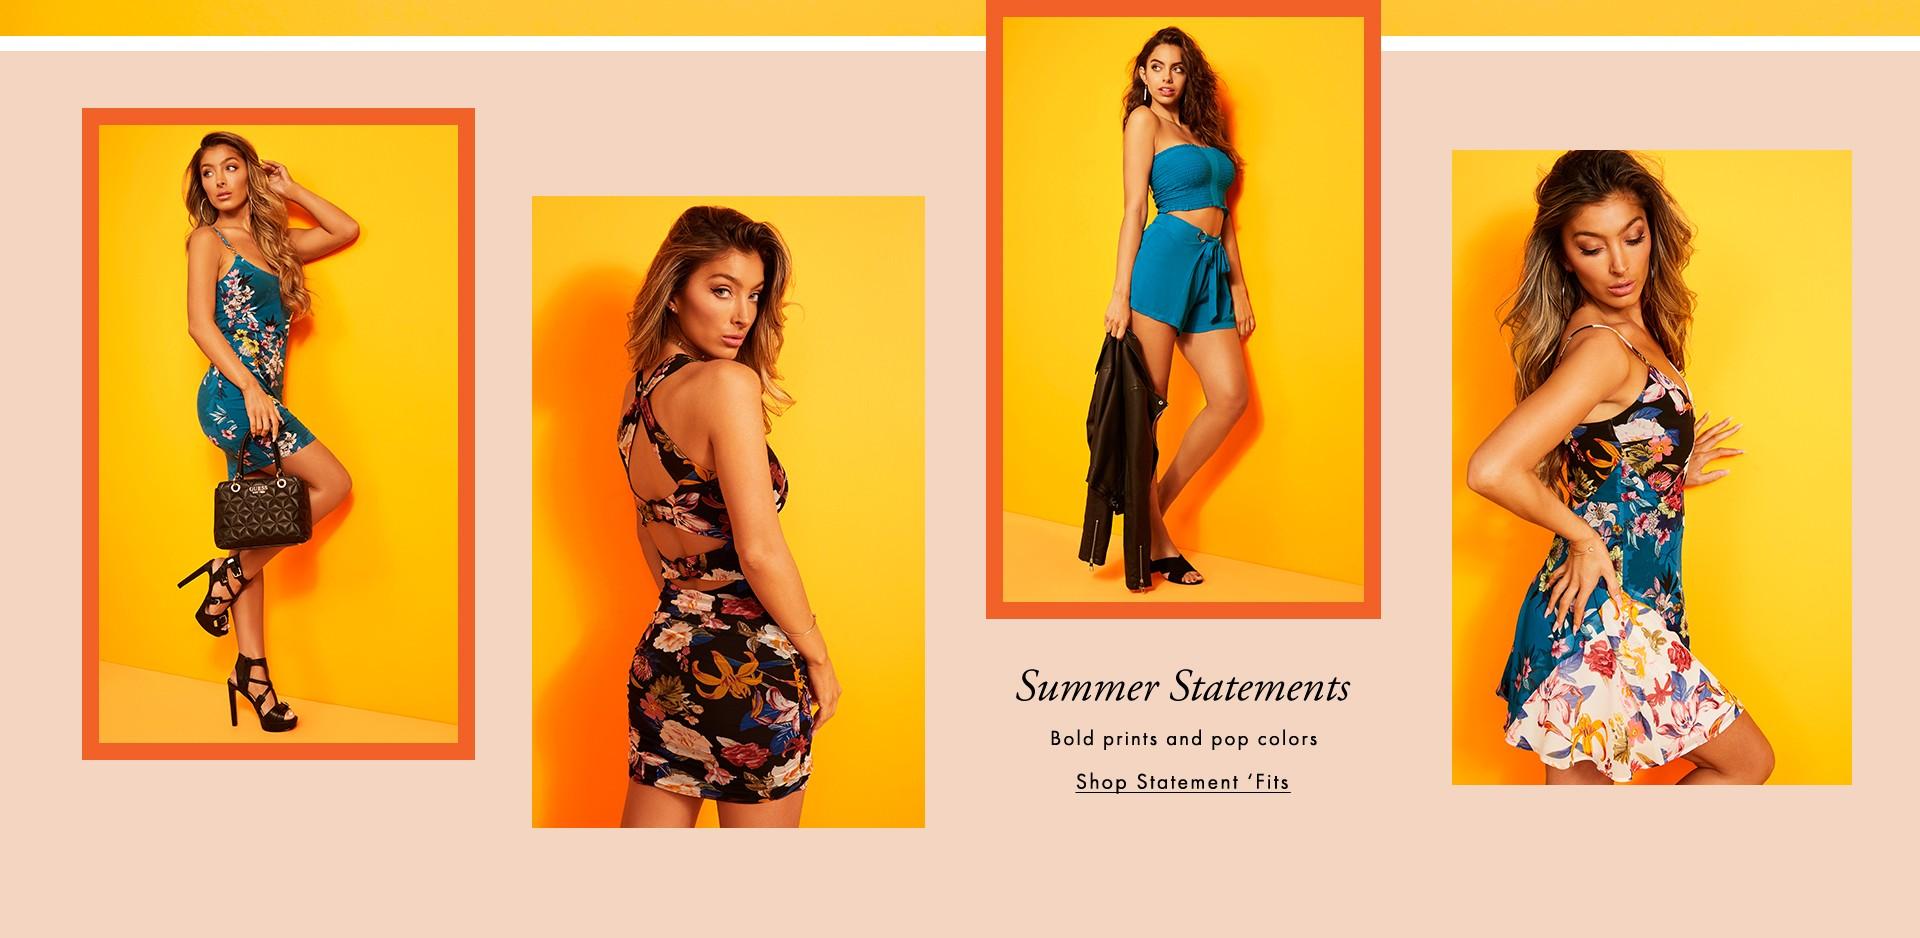 Summer Statements